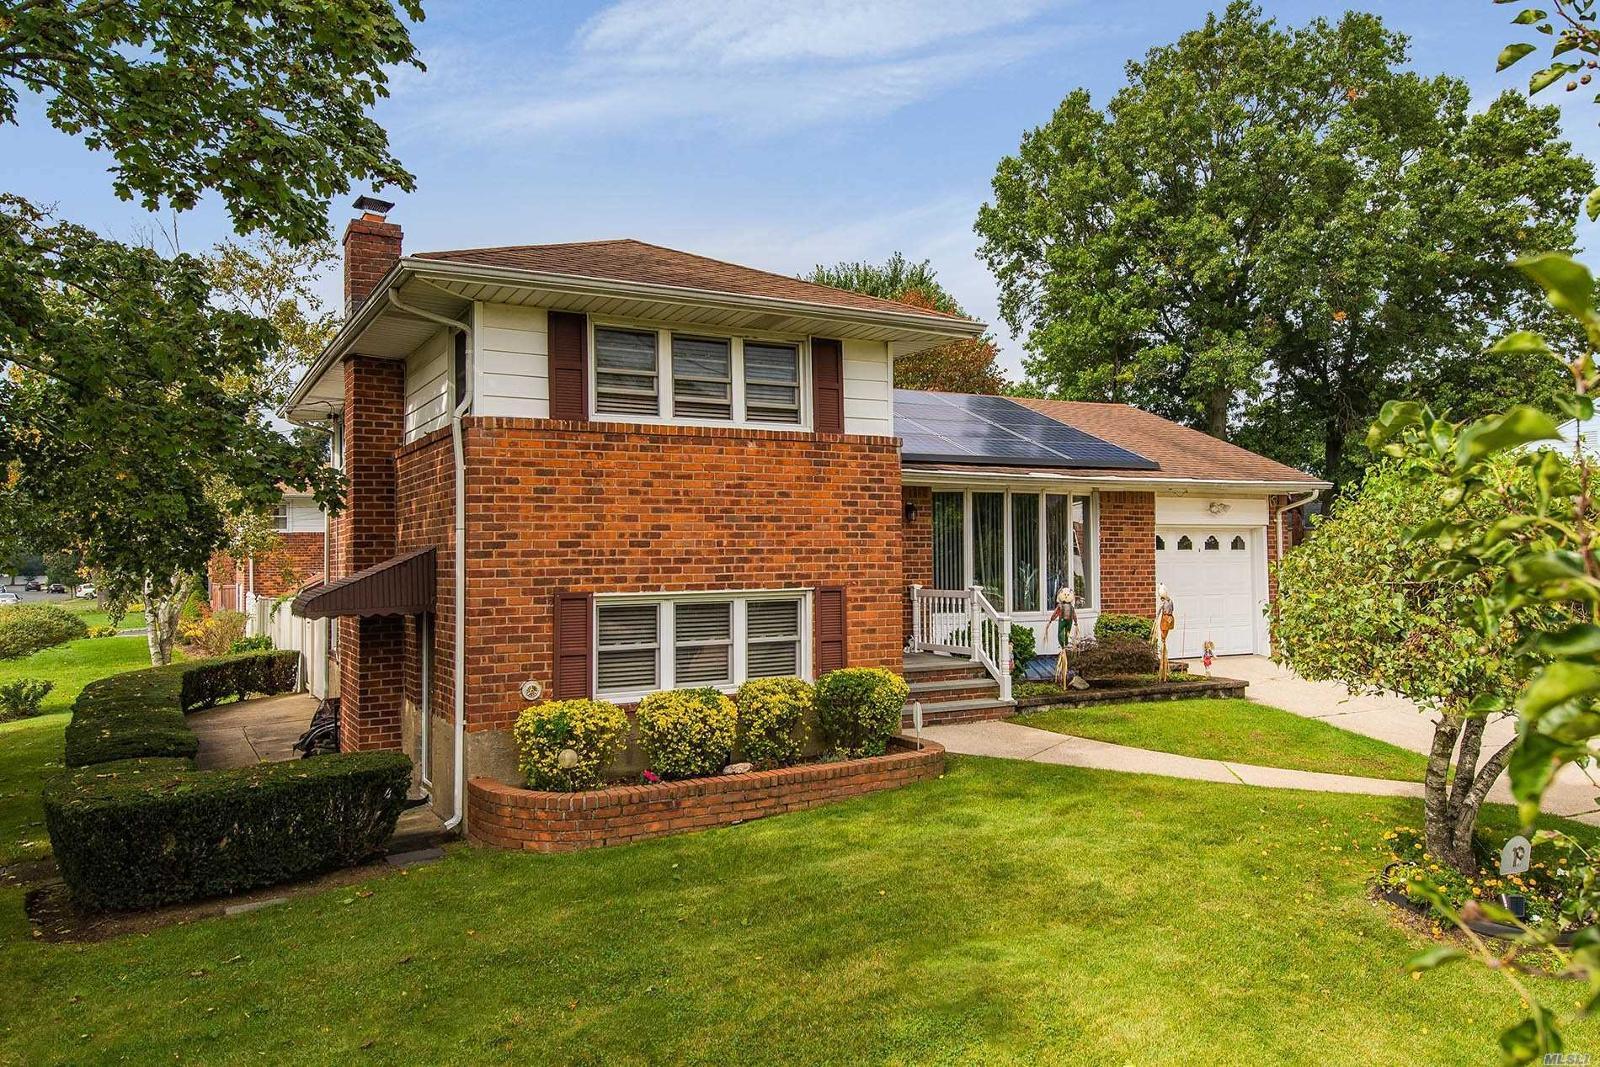 Homes for Sale in Deer Park NY — Deer Park Real Estate — ZipRealty